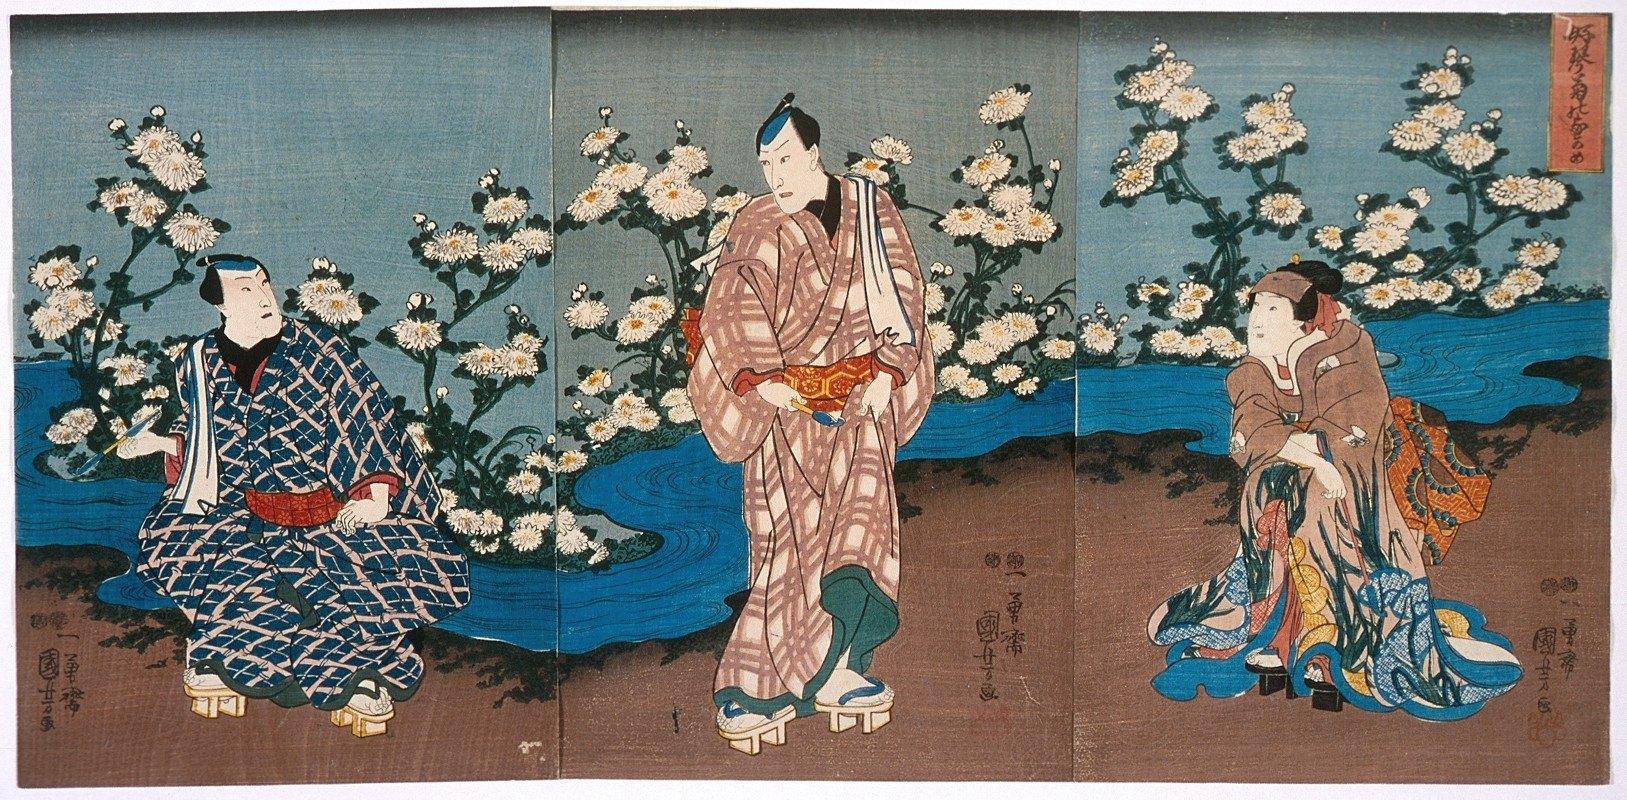 Utagawa Kuniyoshi - The Actor Onoe Kikugorō III Viewing Chrysanthemums and Stream